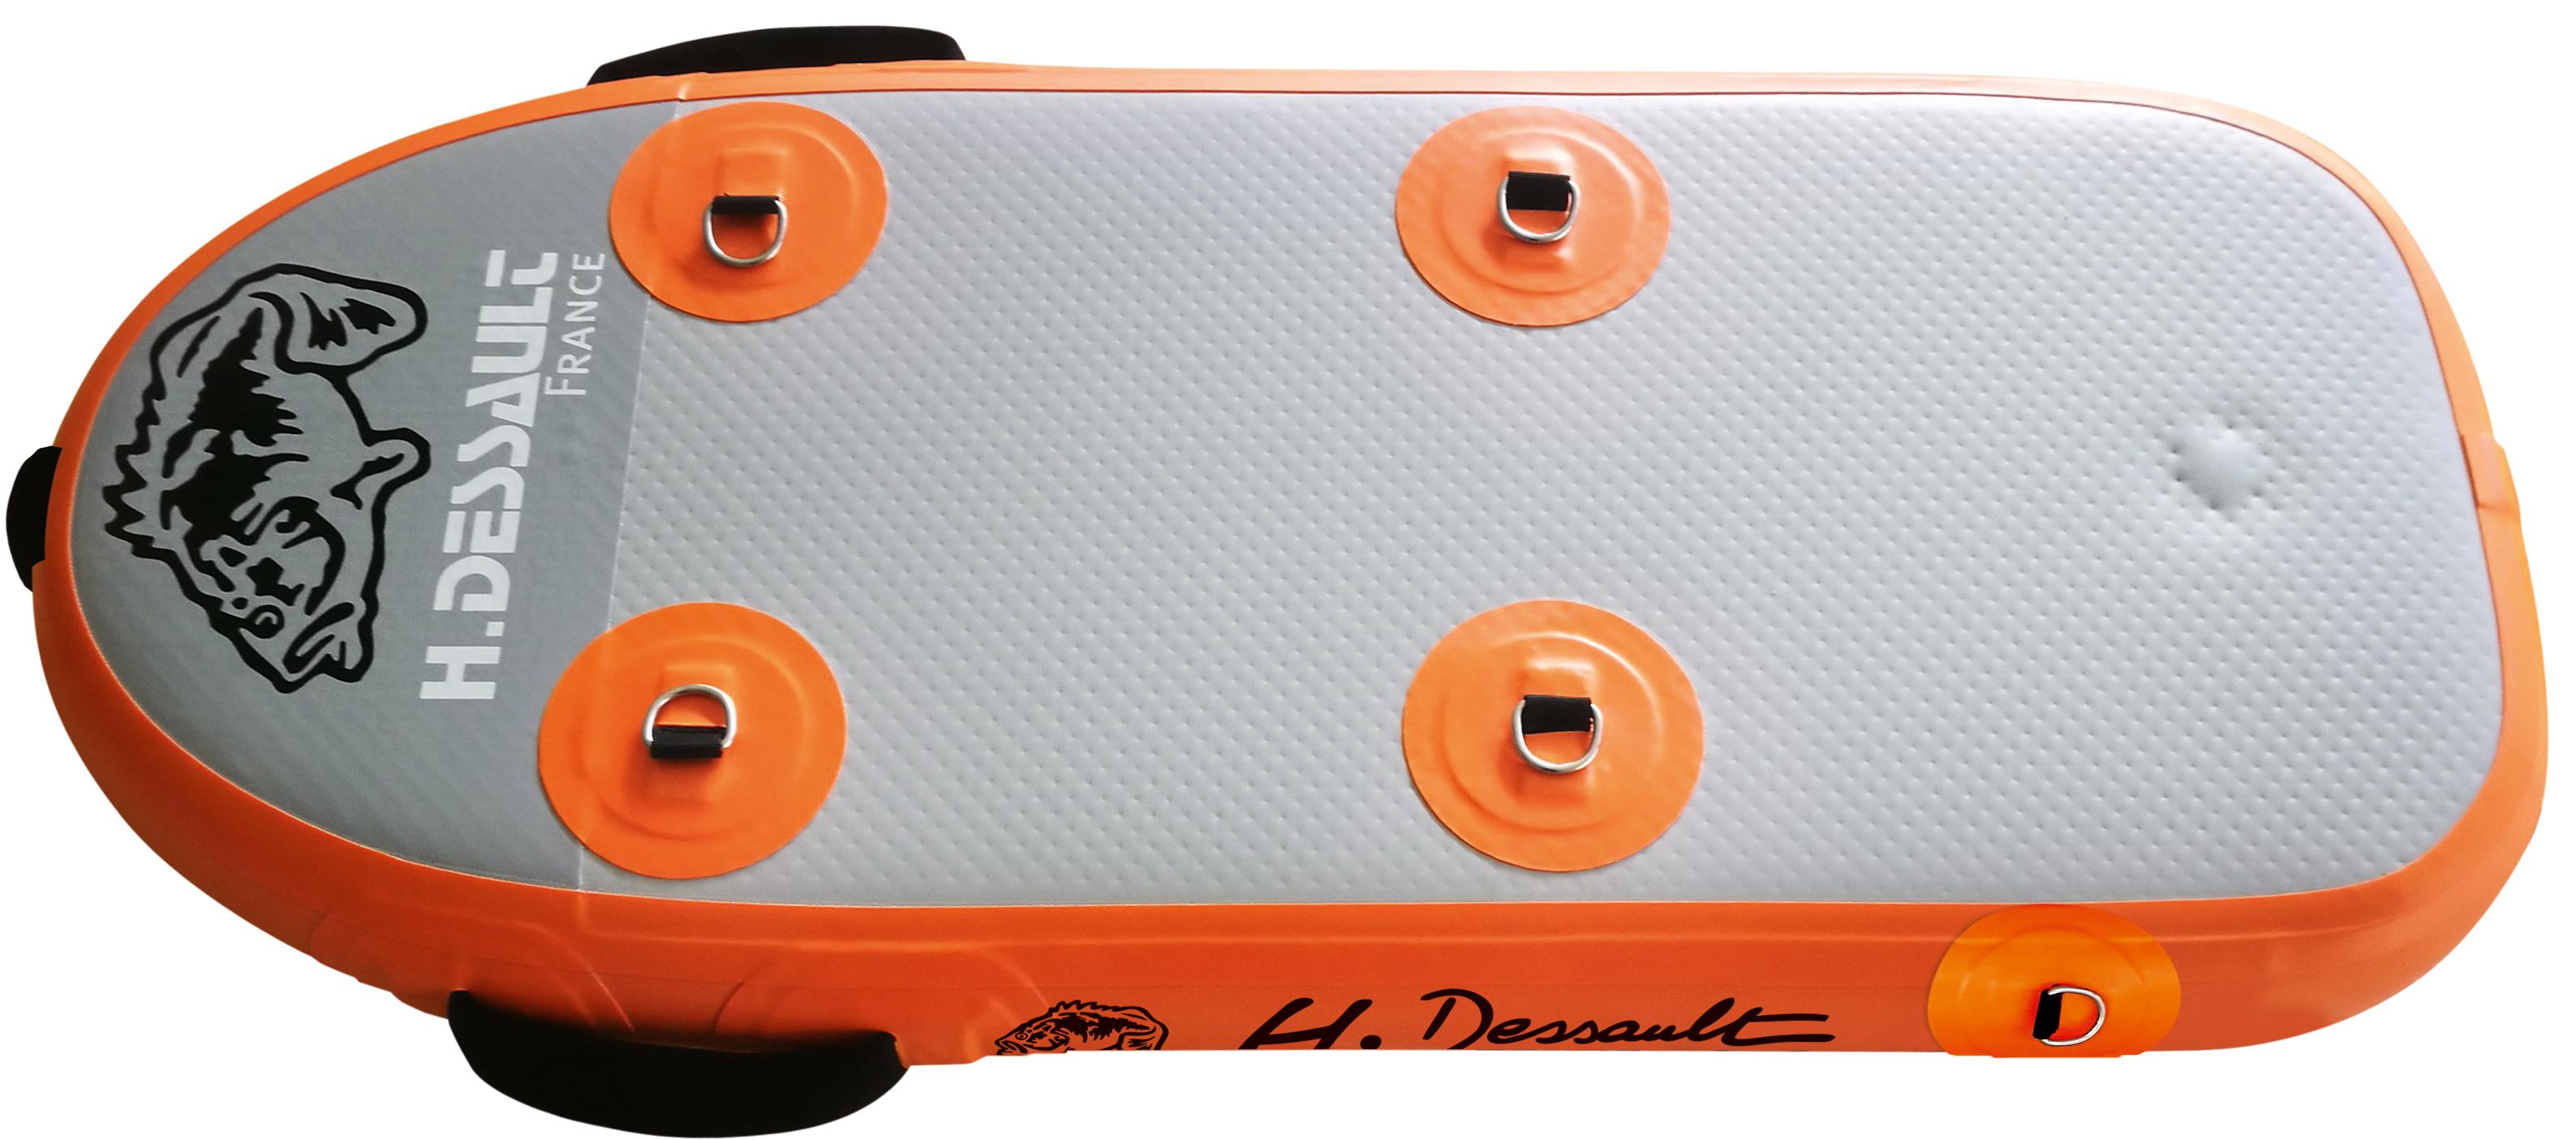 Буй тип планшет за подводен риболов ROCKET – H.Dessault